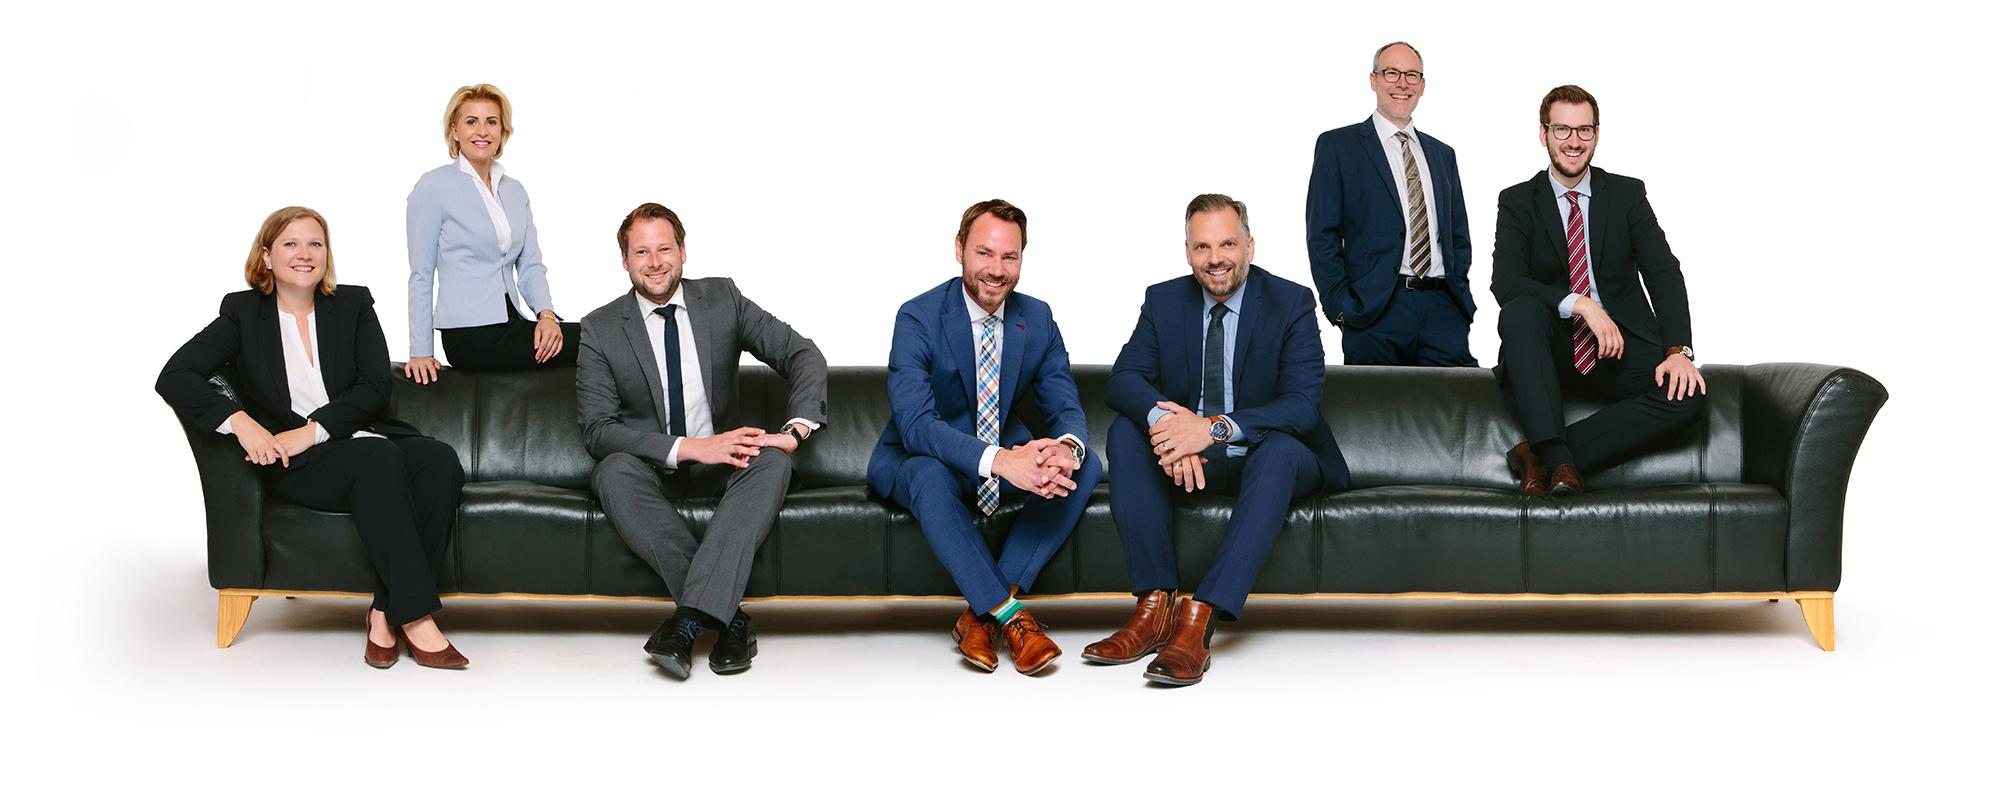 Ihre Rechtsanwälte von der Kanzlei Steffens & Partner